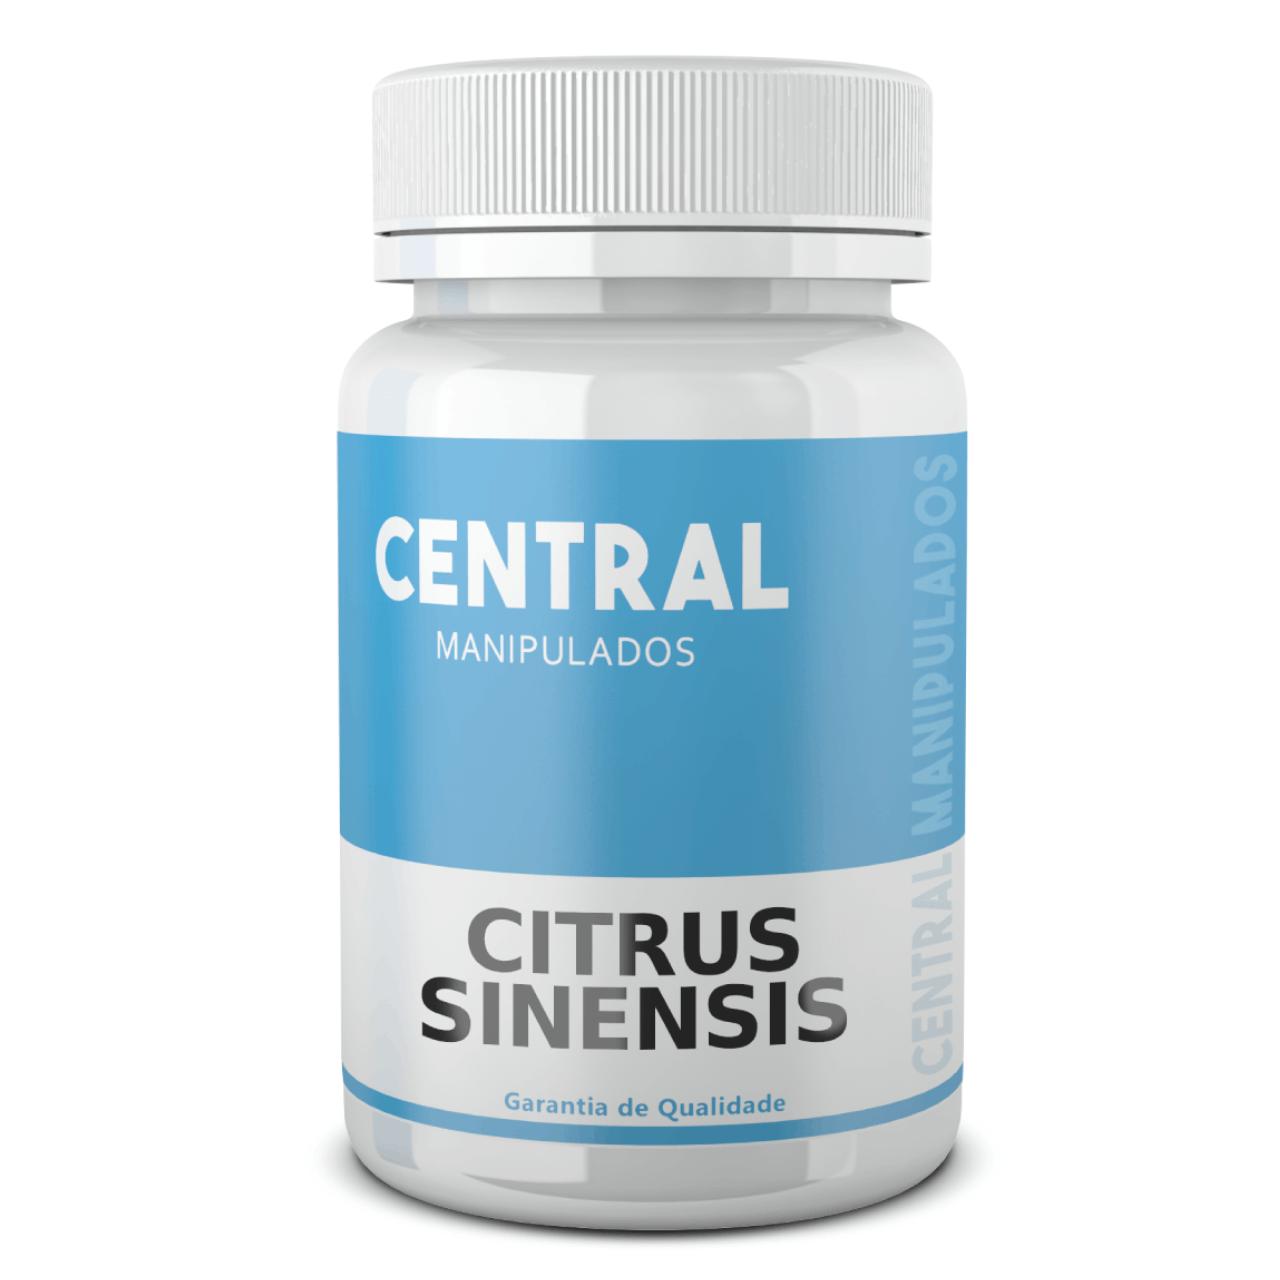 Citrus Sinensis (Laranja Moro) 500mg - 60 cápsulas - Auxílio na Redução de Medidas e Gerenciamento do Peso